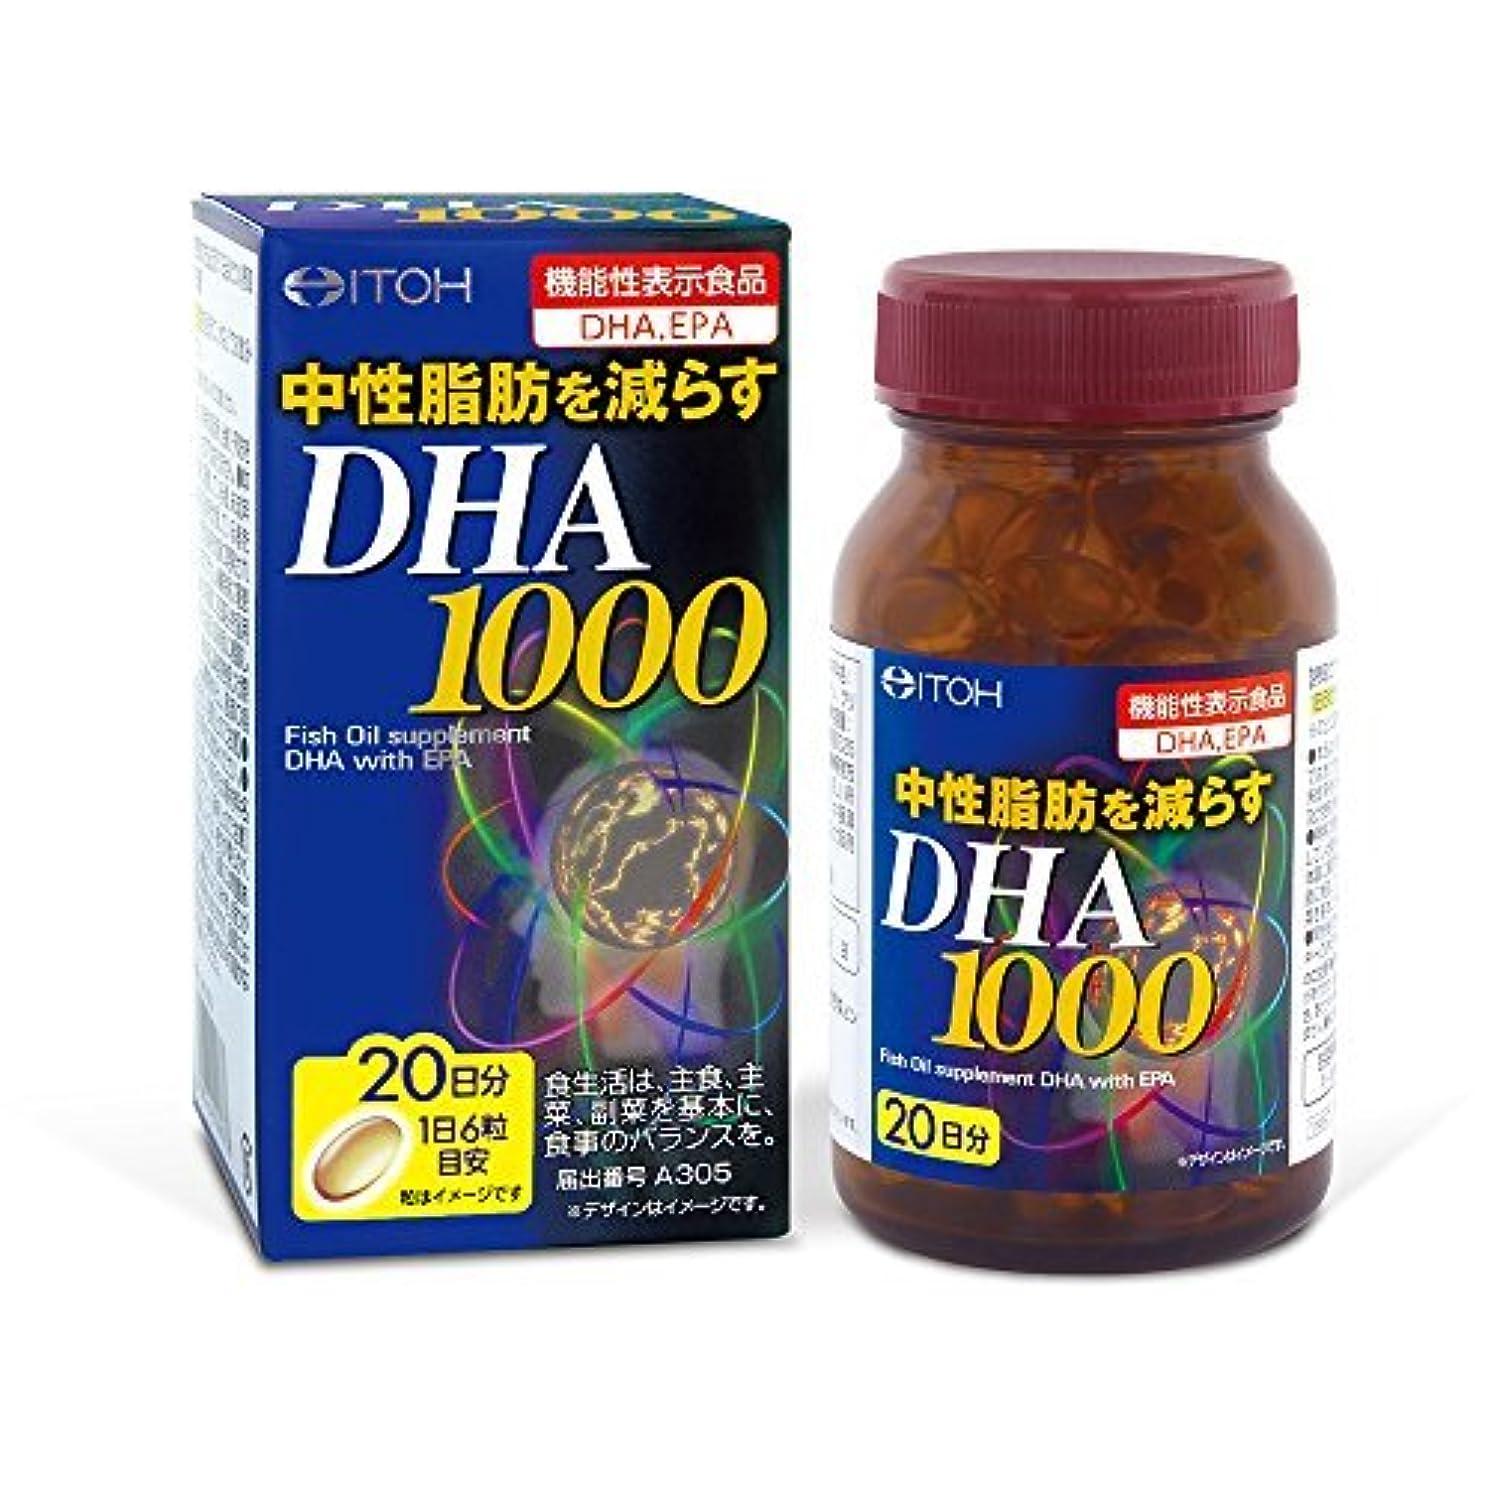 埋めるベンチャーシプリー井藤漢方製薬 DHA1000 約20日分 120粒 Japan